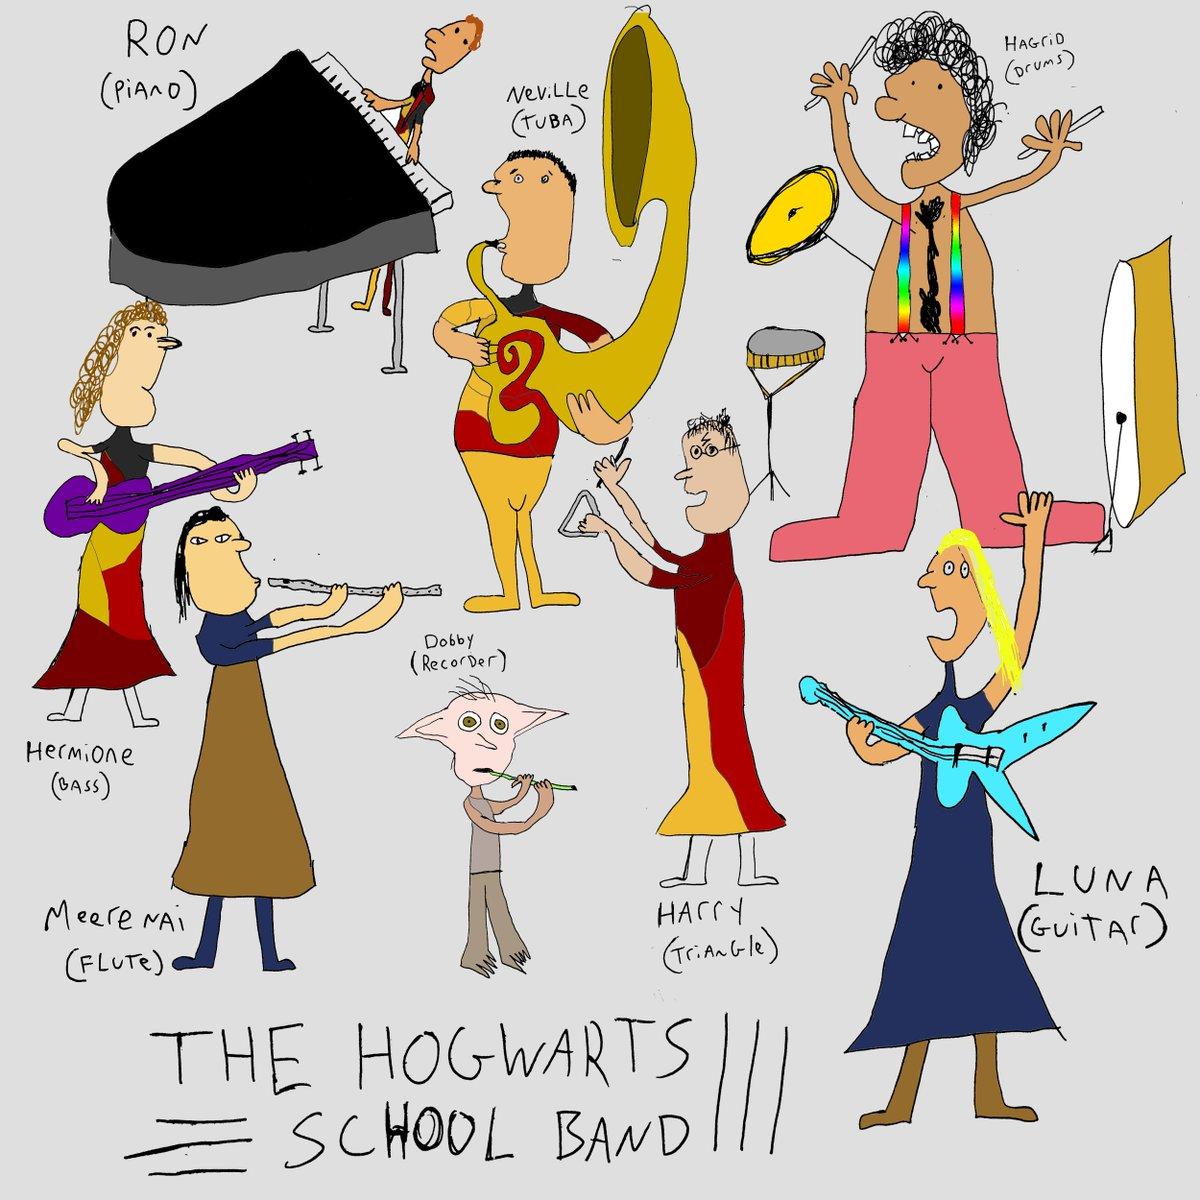 Hogwarts school band rehearsal.